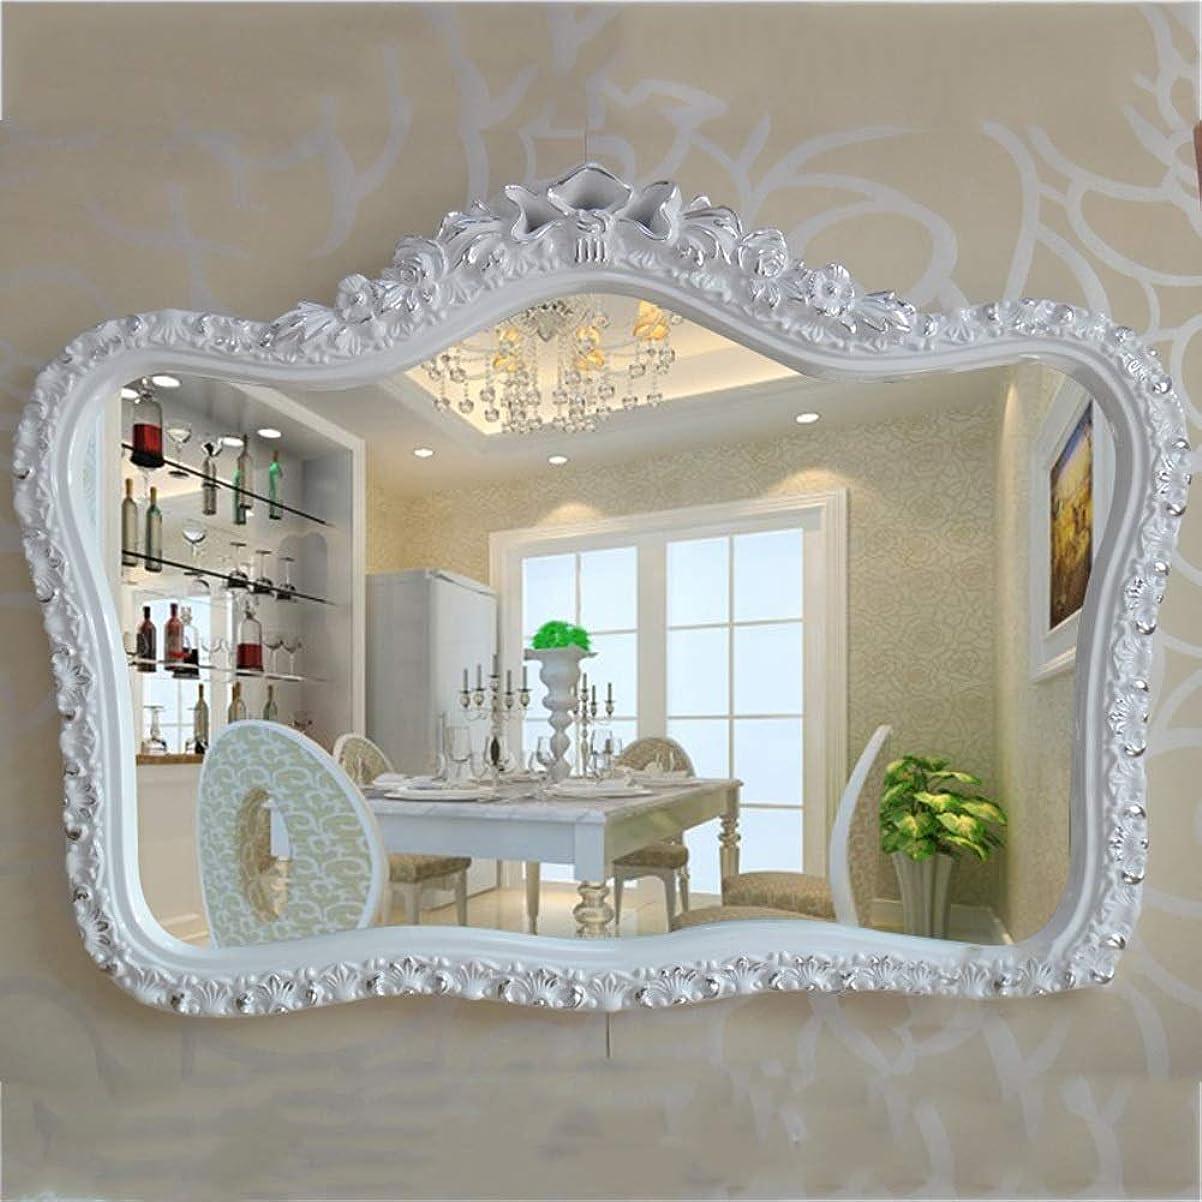 濃度鳴り響くとんでもない壁に取り付けられた鏡の装飾レトロなドレッシングミラーホームリビングルームの寝室の浴室の装飾ミラー-626(色:B)